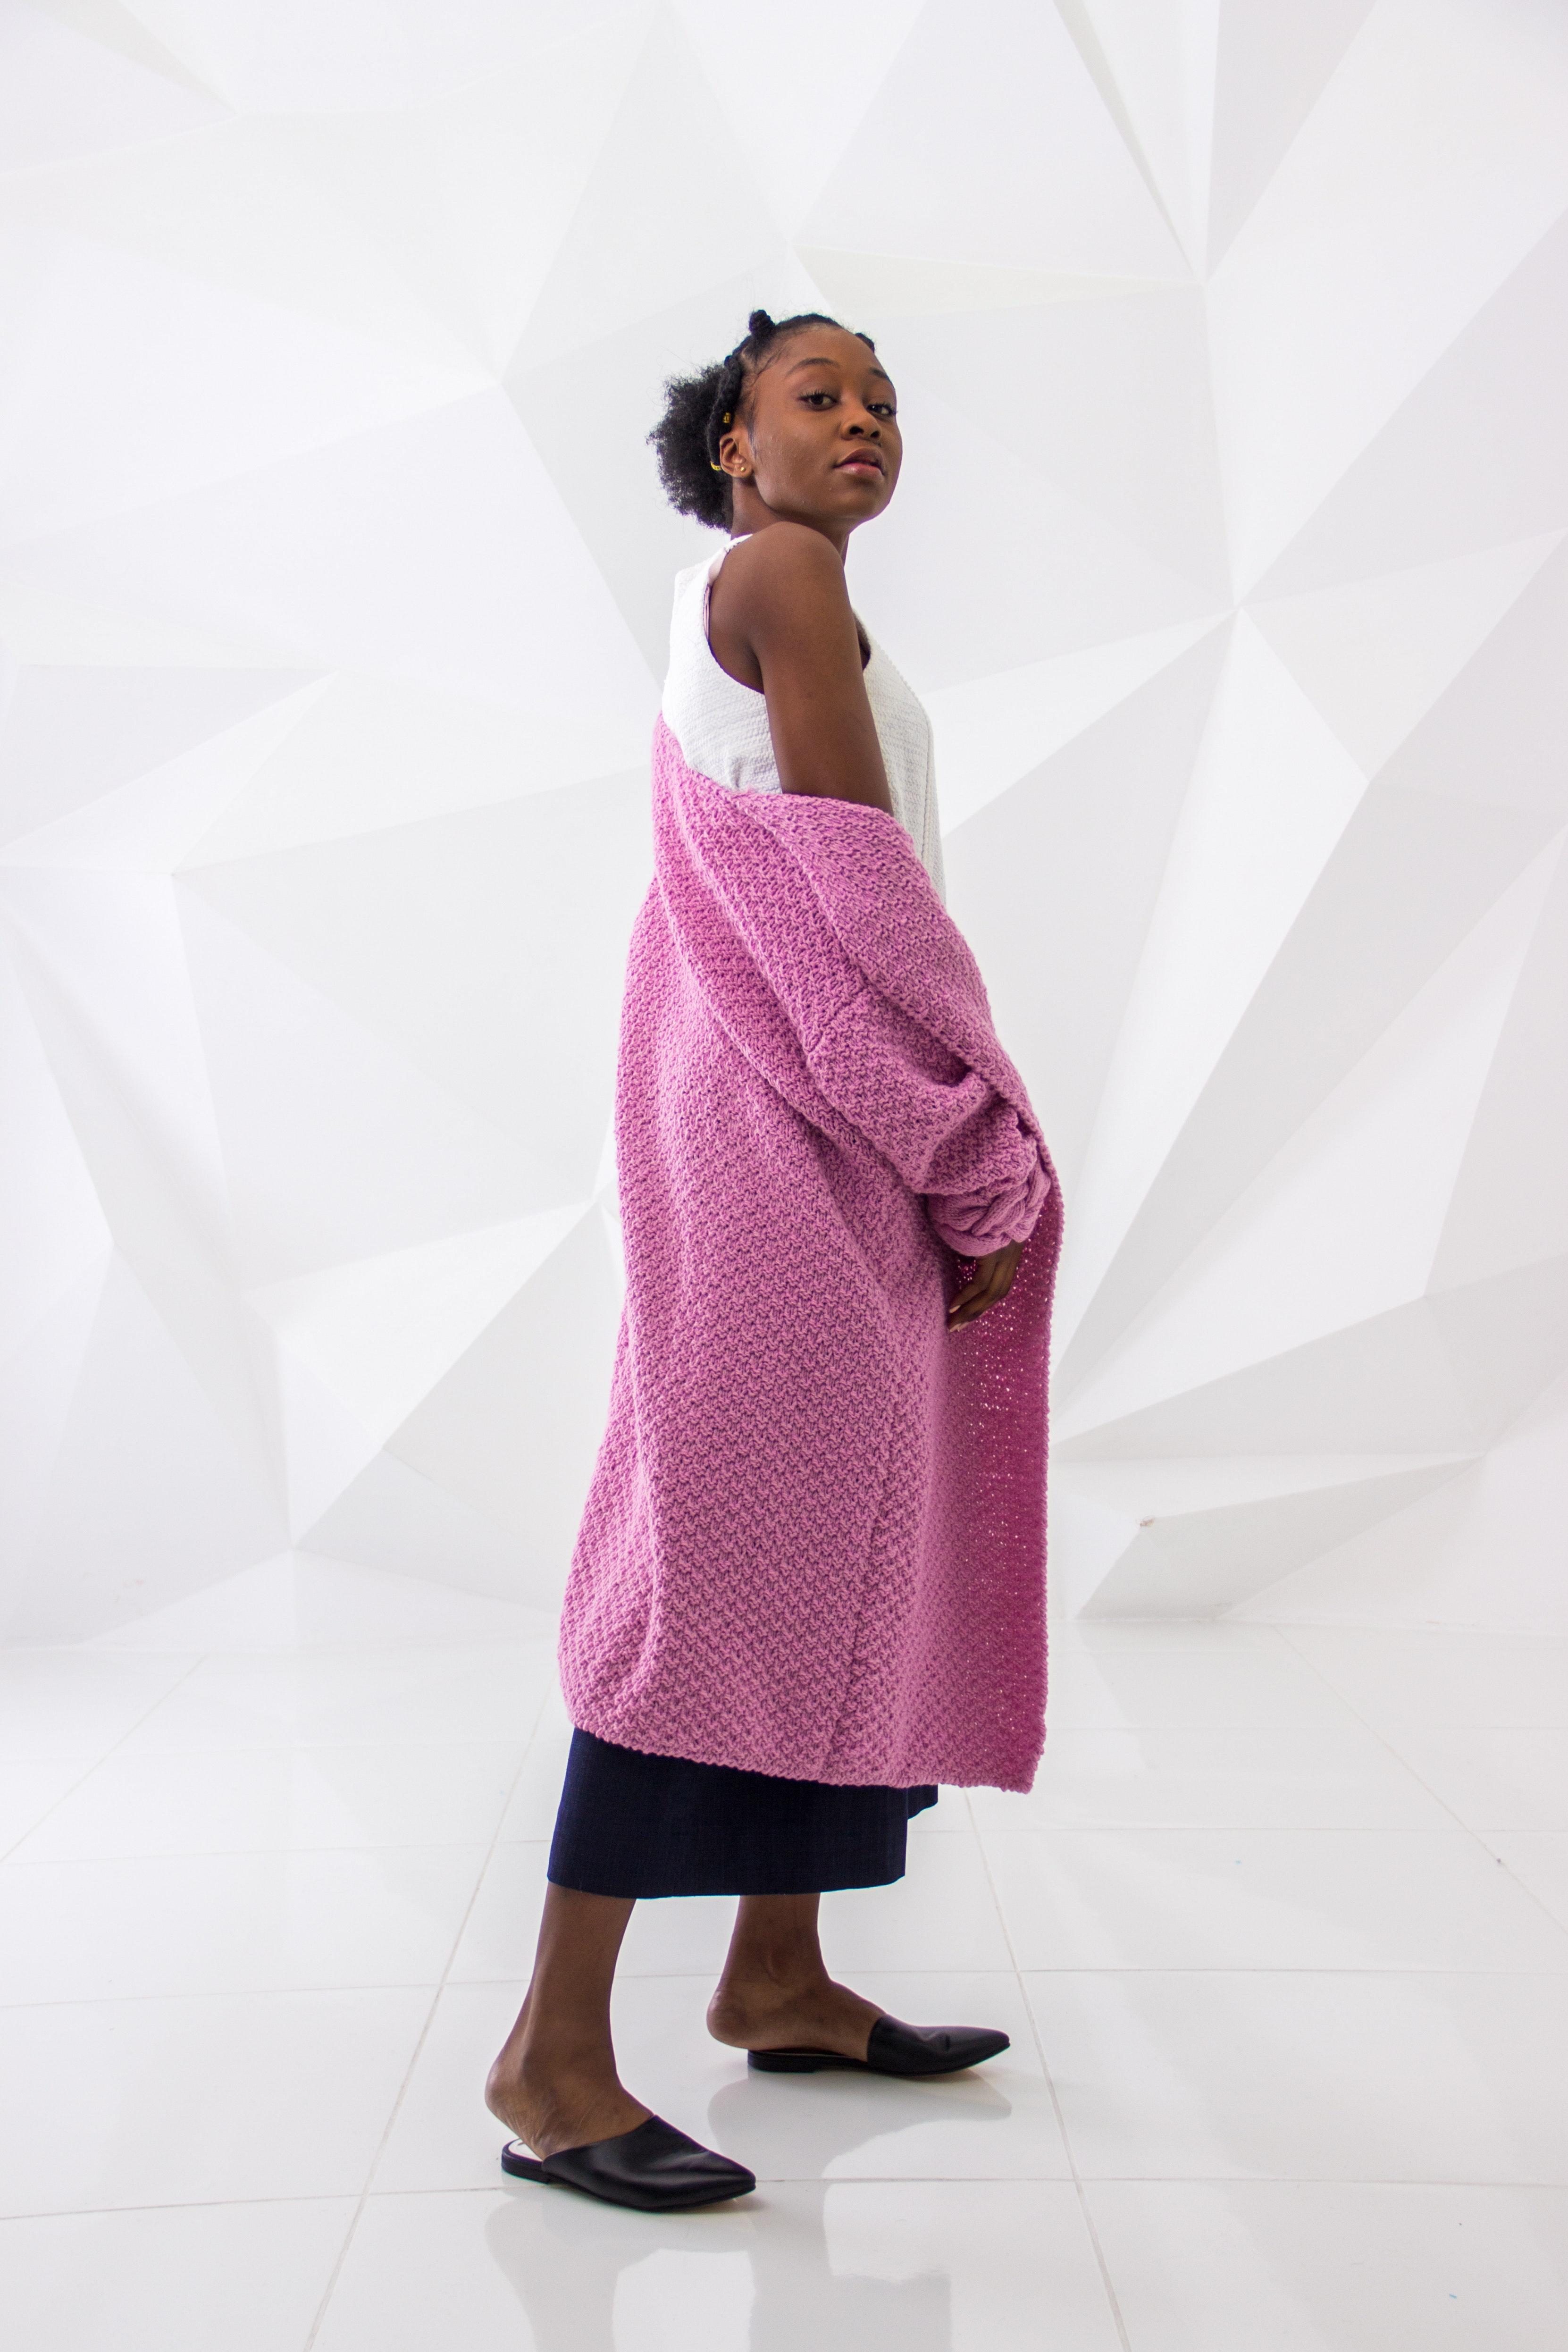 Woman wearing white sleeveless dress and pink long coa photo